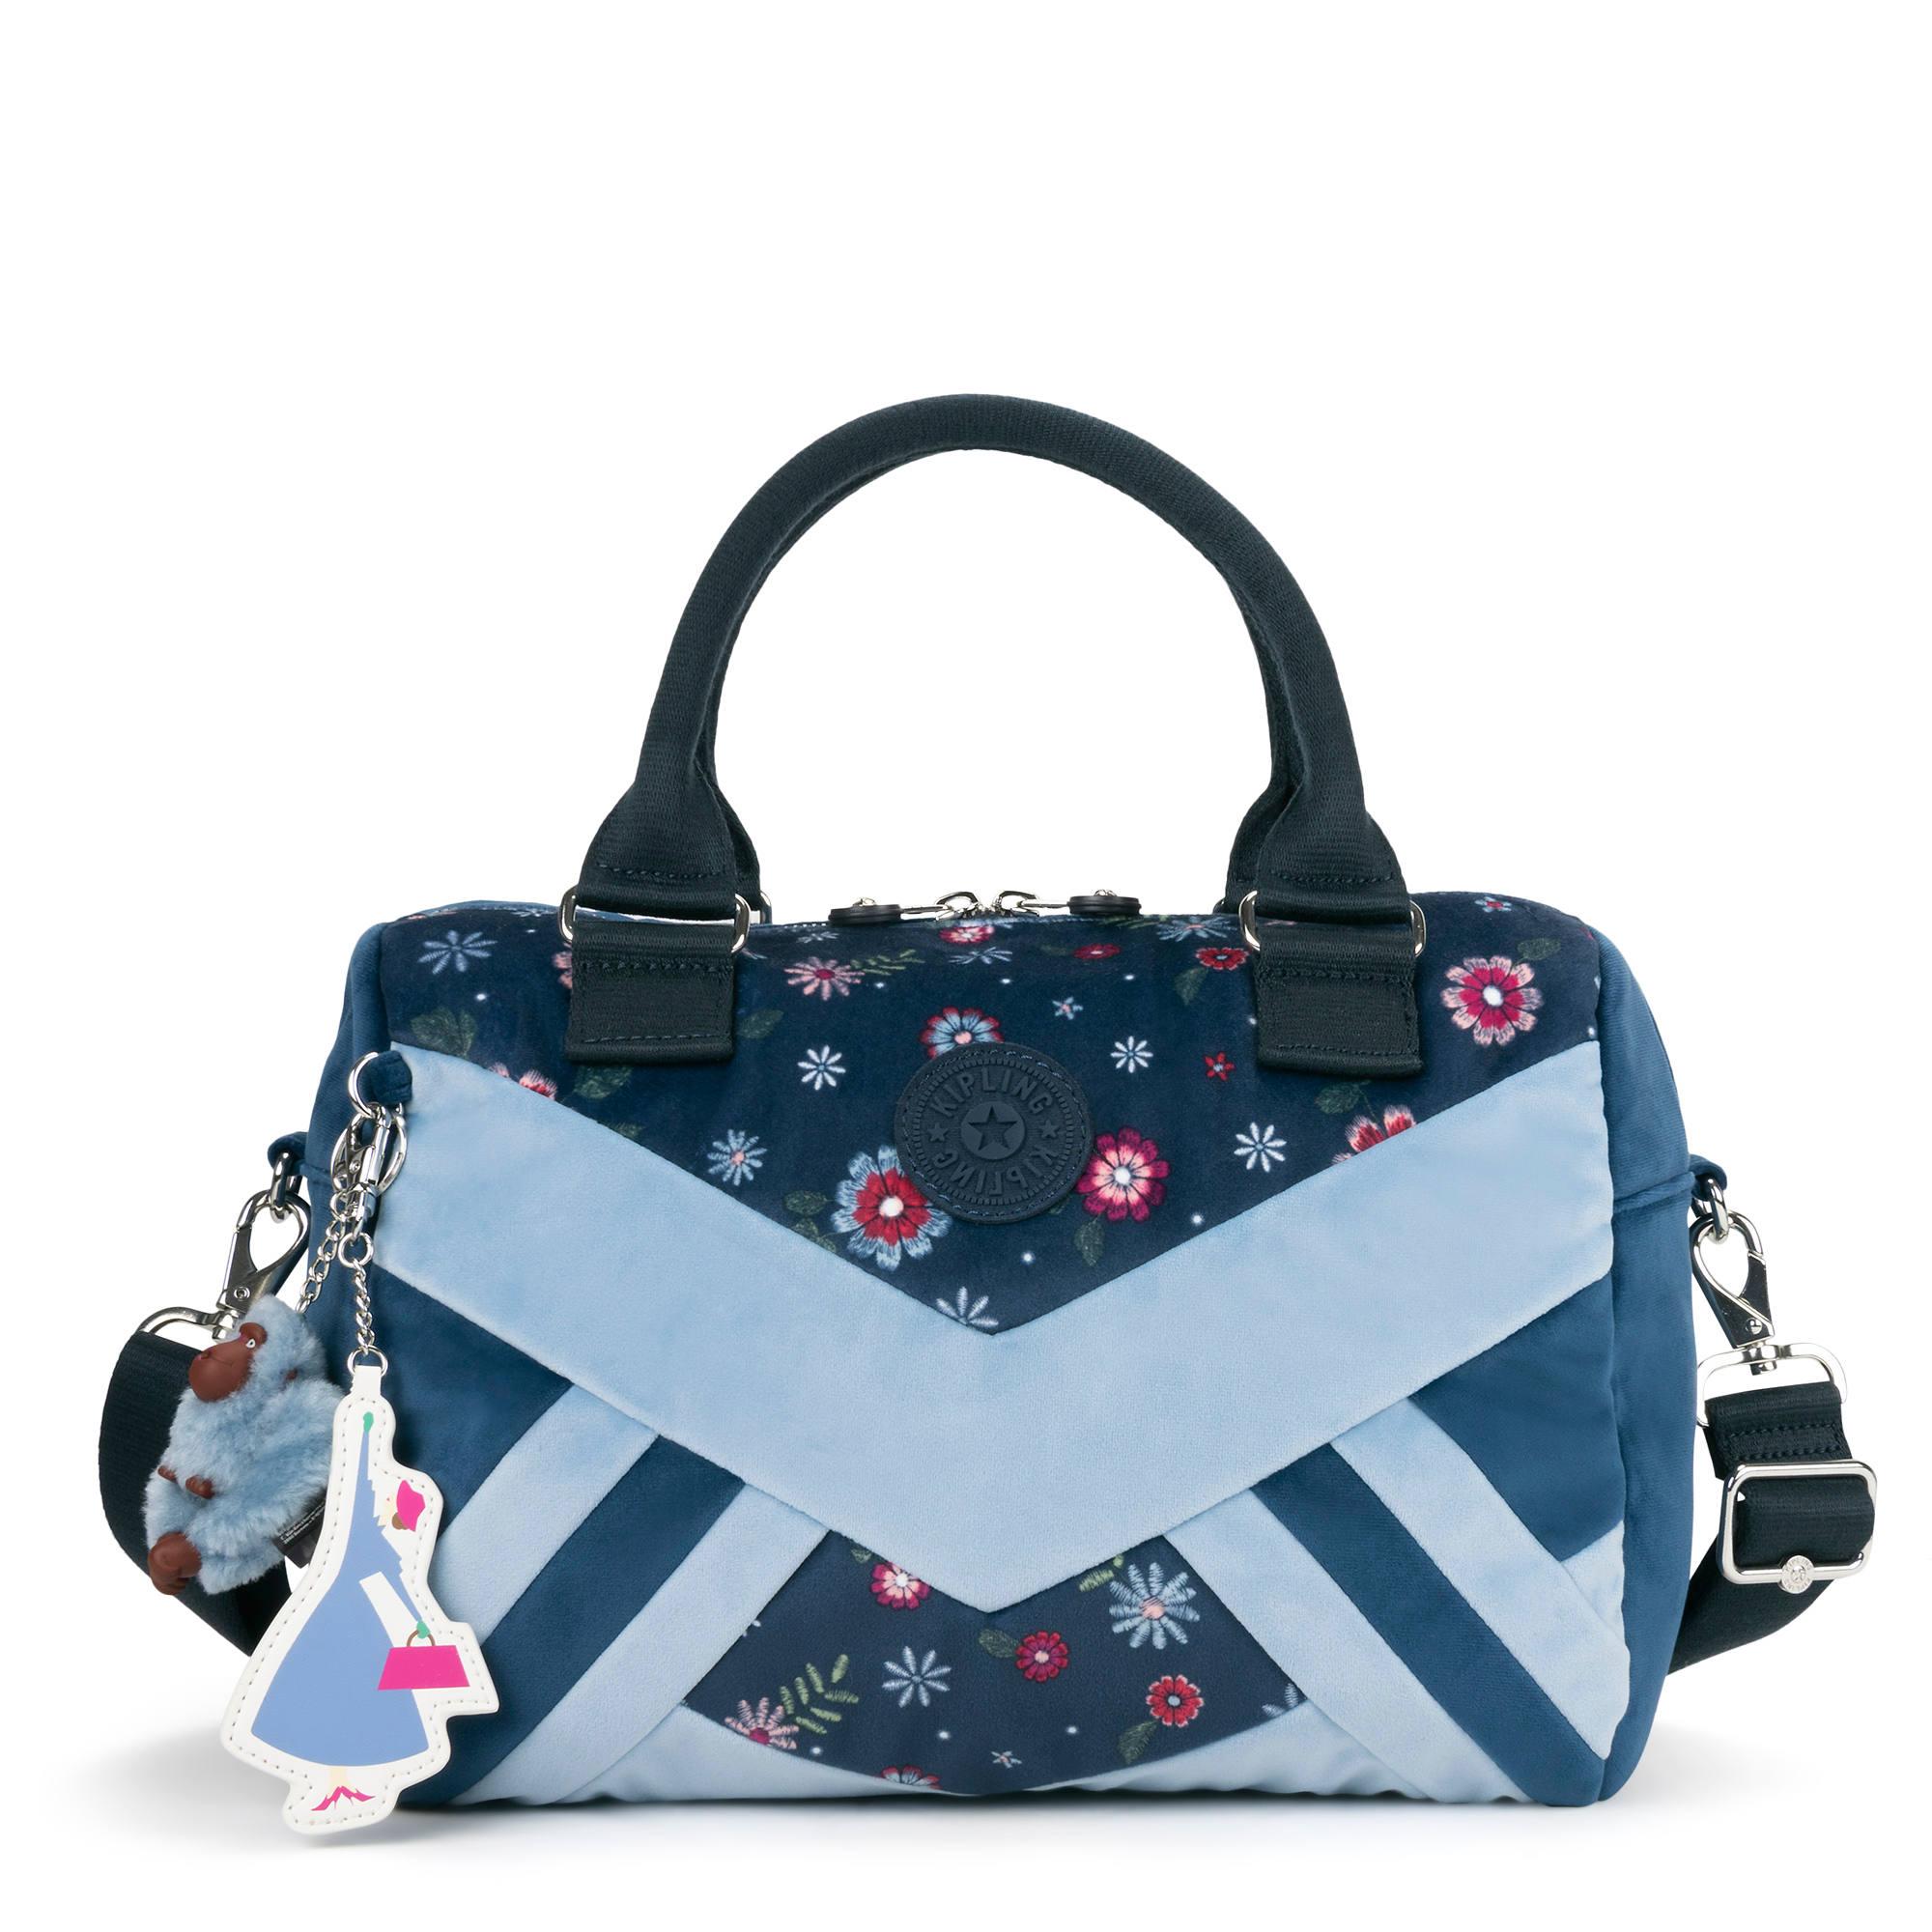 9a21f7bd129 Disney s Mary Poppins Returns Beloved Handbag